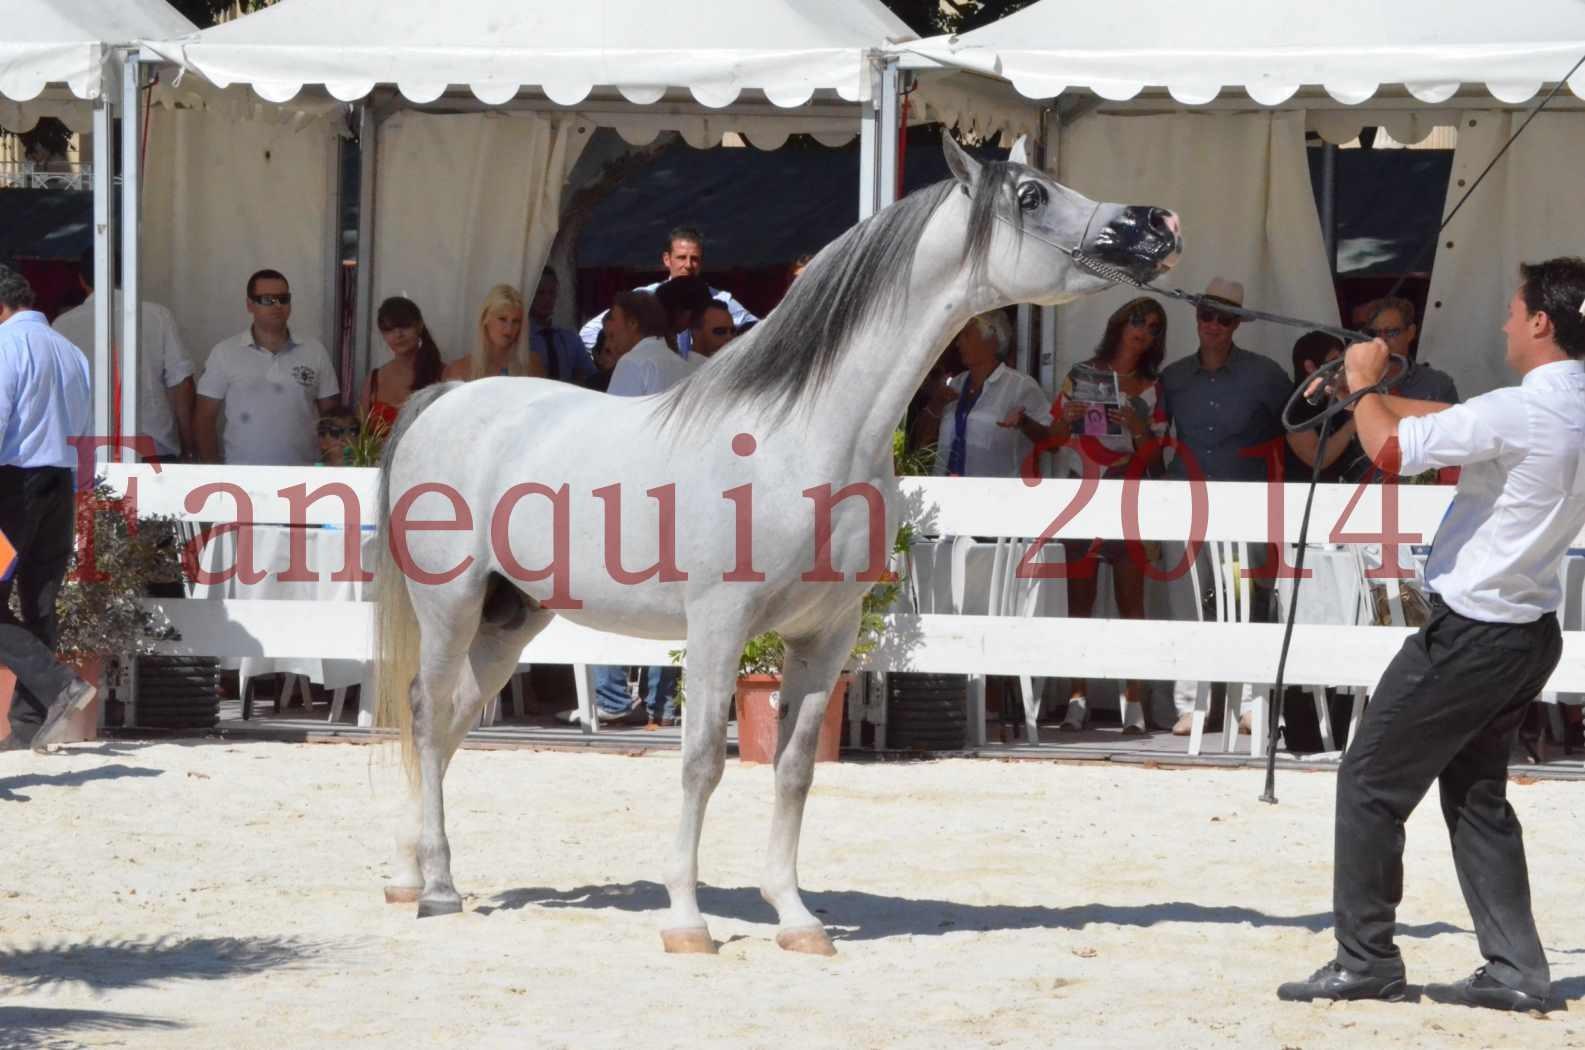 Concours National de Nîmes de chevaux ARABES 2014 - Sélection - SHAOLIN DE NEDJAIA - 81